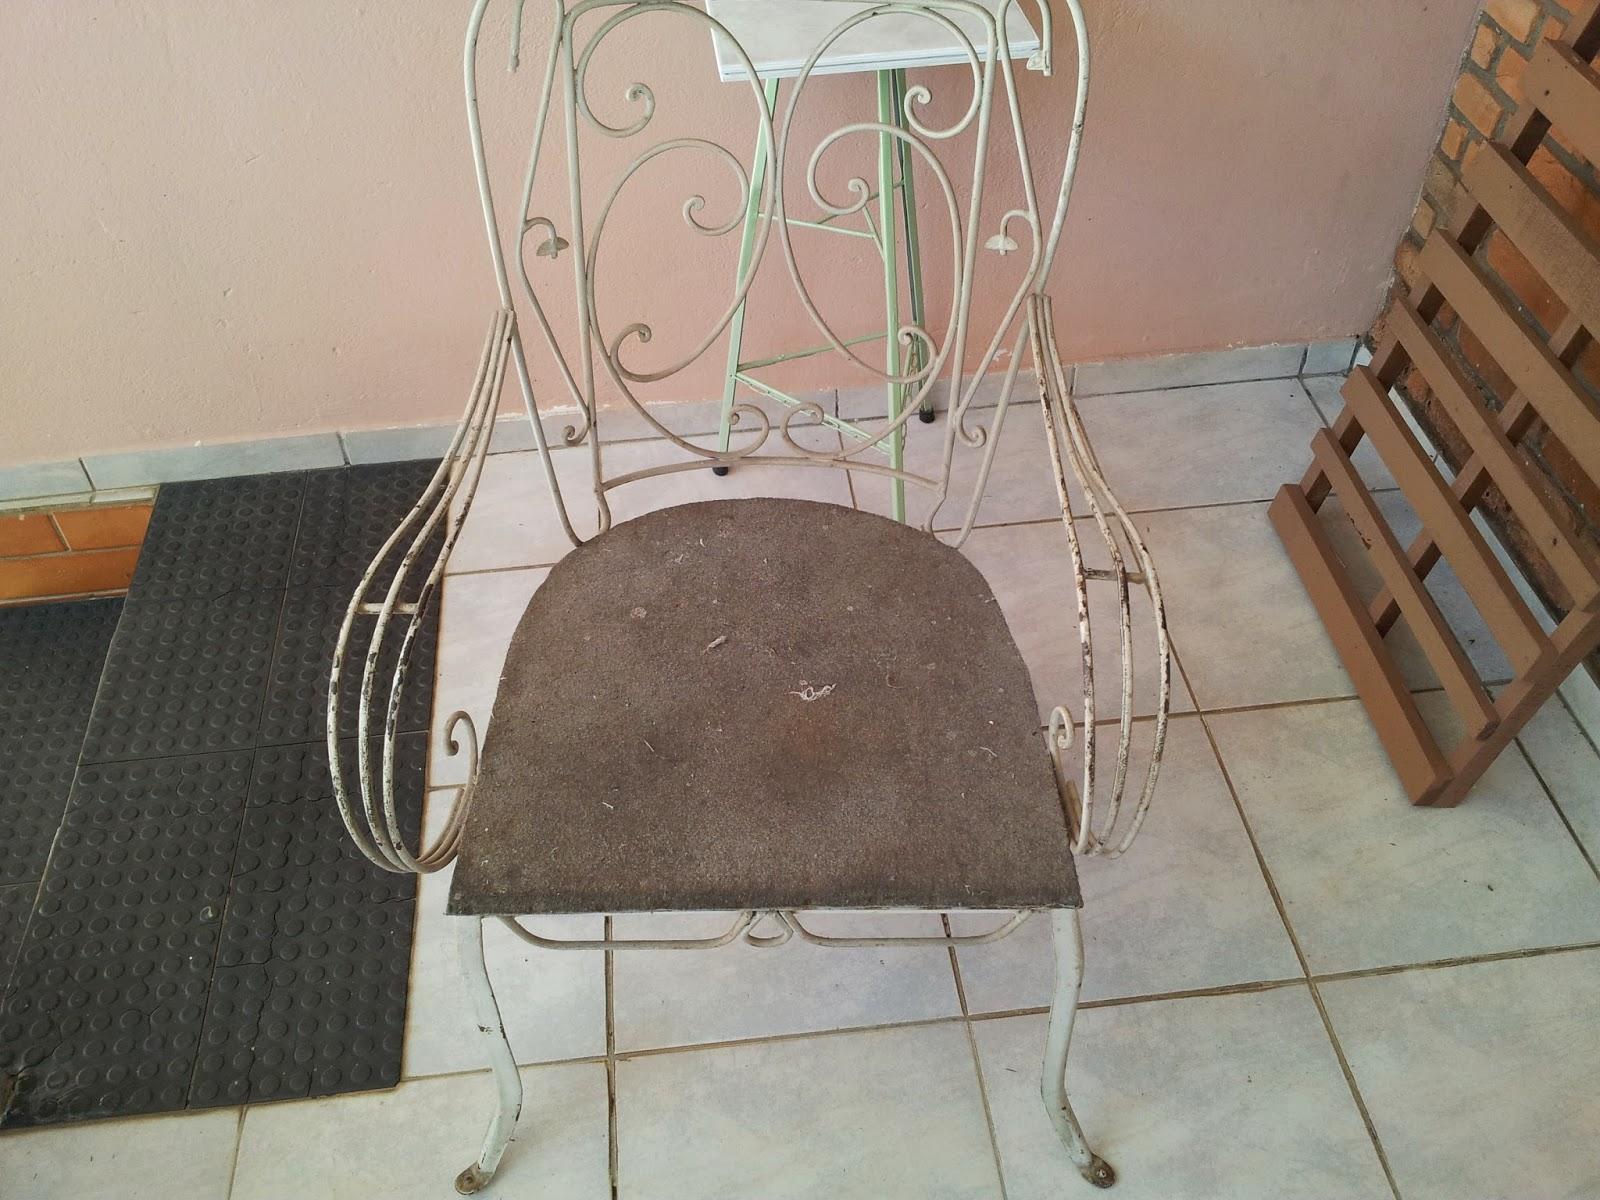 Restauração de Cadeira antiga de ferro #644B39 1600x1200